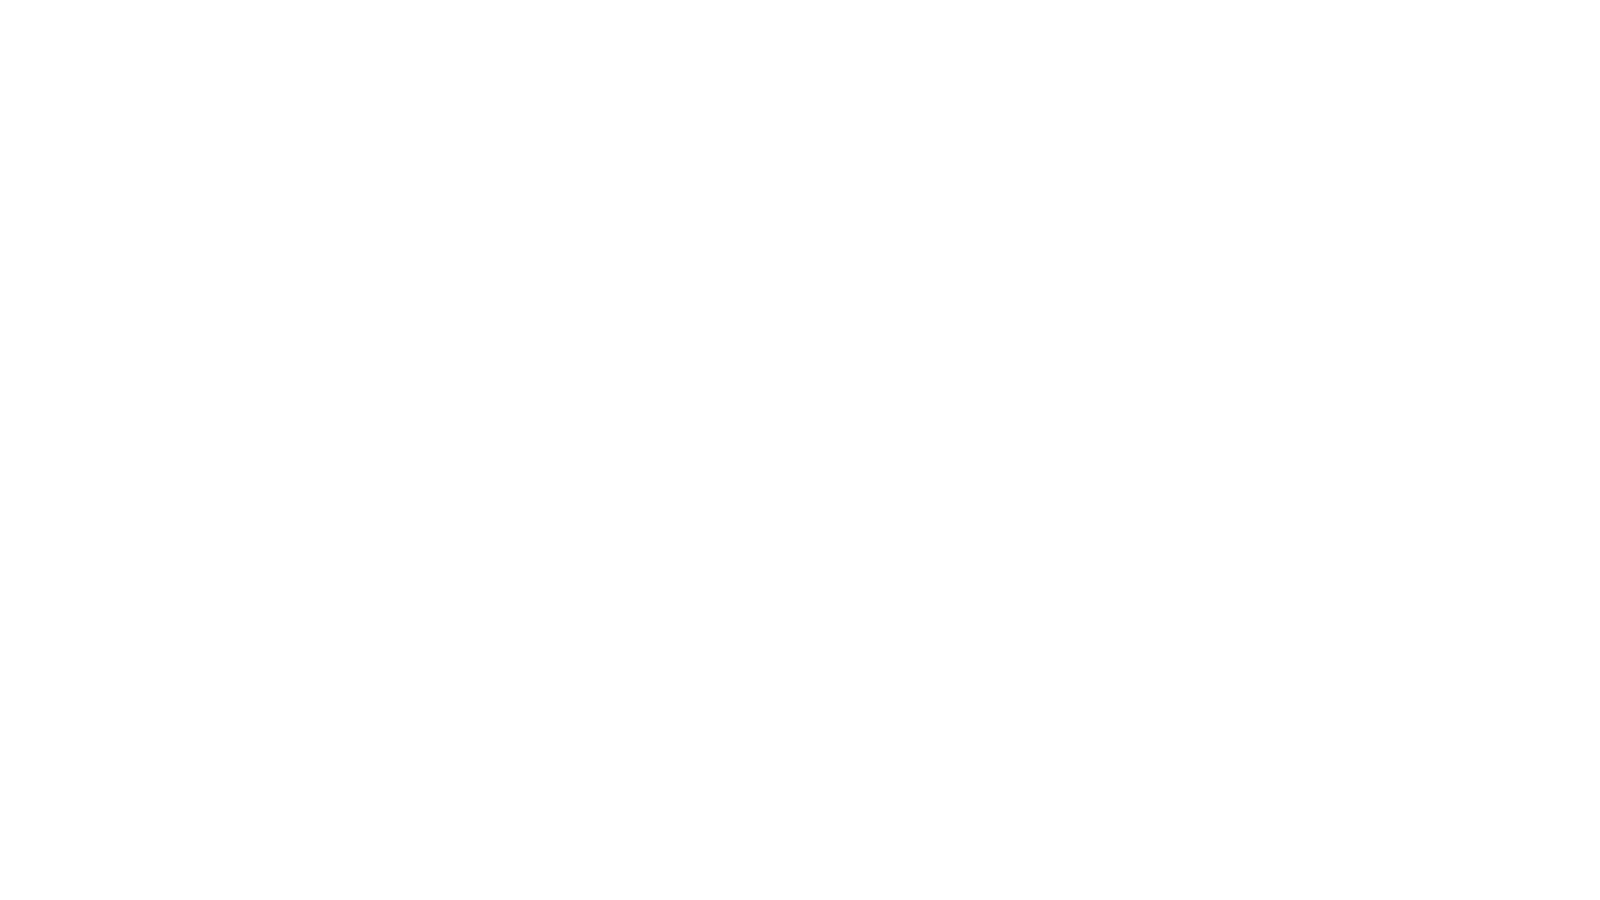 ✅ LA MEJOR FORMA de ganar dinero 👉 https://avellanedajesus.com/empezar 🔵 Visita Mi Blog 👉 https://avellanedajesusblog.com/ 🔥 Gana $100 a $200 diarios 👉 https://avellanedajesus.com/mkdg 🚨  Extraña y Efectiva Forma de Ganar Dinero en Linea 👉 https://avellanedajesus.com/mny2  ▬▬▬▬▬▬▬▬▬▬▬▬▬▬▬▬▬▬▬▬▬▬▬▬▬▬▬▬▬▬▬▬  Video Anterior a este 👉  Gane $ 30 por hora viendo anuncios por internet (GRATIS) en todo el mundo - Jesus Avellaneda https://www.youtube.com/watch?v=NEiDvyf8oSE&t=3s  ¡Sígueme para recibir a diario Nuevas formas de hacer dinero online GRATIS!  🔔 Suscríbete a mi canal de YouTube!  https://www.youtube.com/c/JesusAvellaneda/videos   ▬▬▬▬▬▬▬▬▬▬▬▬▬▬▬▬▬▬▬▬▬▬▬▬▬▬▬▬▬▬▬▬   🛑 Para ayudarte aun más, estoy subiendo blogpost donde te explico de forma detallada las mejores formas de ganar dinero por internet.  Puedes visitar mi blog aqui:  👇👇👇👇👇  https://avellanedajesusblog.com   ▬▬▬▬▬▬▬▬▬▬▬▬▬▬▬▬▬▬▬▬▬▬▬▬▬▬▬▬▬▬▬▬   🔥 Aplicación / Software recomendado para ganar dinero rápidamente   ✅ Gana $100 a $200 diarios  https://avellanedajesus.com/mkdg  ✅ Extraña y Efectiva Forma de Ganar Dinero en Linea  https://avellanedajesus.com/mny2  ✅ Gana Dinero Fácil con este Método  https://avellanedajesus.com/mtdt  ✅ Gana Minimo $100 Ahora Mismo  https://avellanedajesus.com/dnr50  ✅ Gana dinero Online desde Casa  https://avellanedajesus.com/nvgtr    ▬▬▬▬▬▬▬▬▬▬▬▬▬▬▬▬▬▬▬▬▬▬▬▬▬▬▬▬▬▬▬▬  🌐 Mi Blog: https://avellanedajesusblog.com  📲 Sígueme en Tiktok! https://www.tiktok.com/@avellaneda01  📸 Sígueme en Instagram! https://www.instagram.com/jesus_avellaneda01/  ✌️ Mi Fanpage: https://www.facebook.com/Jesus-Avellaneda-464973563683121/  💬 Canal de Telegram: http://t.me/avellaneda01  🔷 Twitter: https://twitter.com/avellaneda00001  🎨: Pinterest: https://www.pinterest.com/jesus00000001/_saved/  🔶 Kwai: http://s.kw.ai/b4OHIA28   ▬▬▬▬▬▬▬▬▬▬▬▬▬▬▬▬▬▬▬▬▬▬▬▬▬▬▬▬▬▬▬▬   TITULO DEL VIDEO: Recibe Pagos de $ 3.00 cada 10 Segundos (GRATIS-MUNDIAL-FACIL) Ganar dinero por internet - Jesus A..   🎬 ¡Comparte este video con 